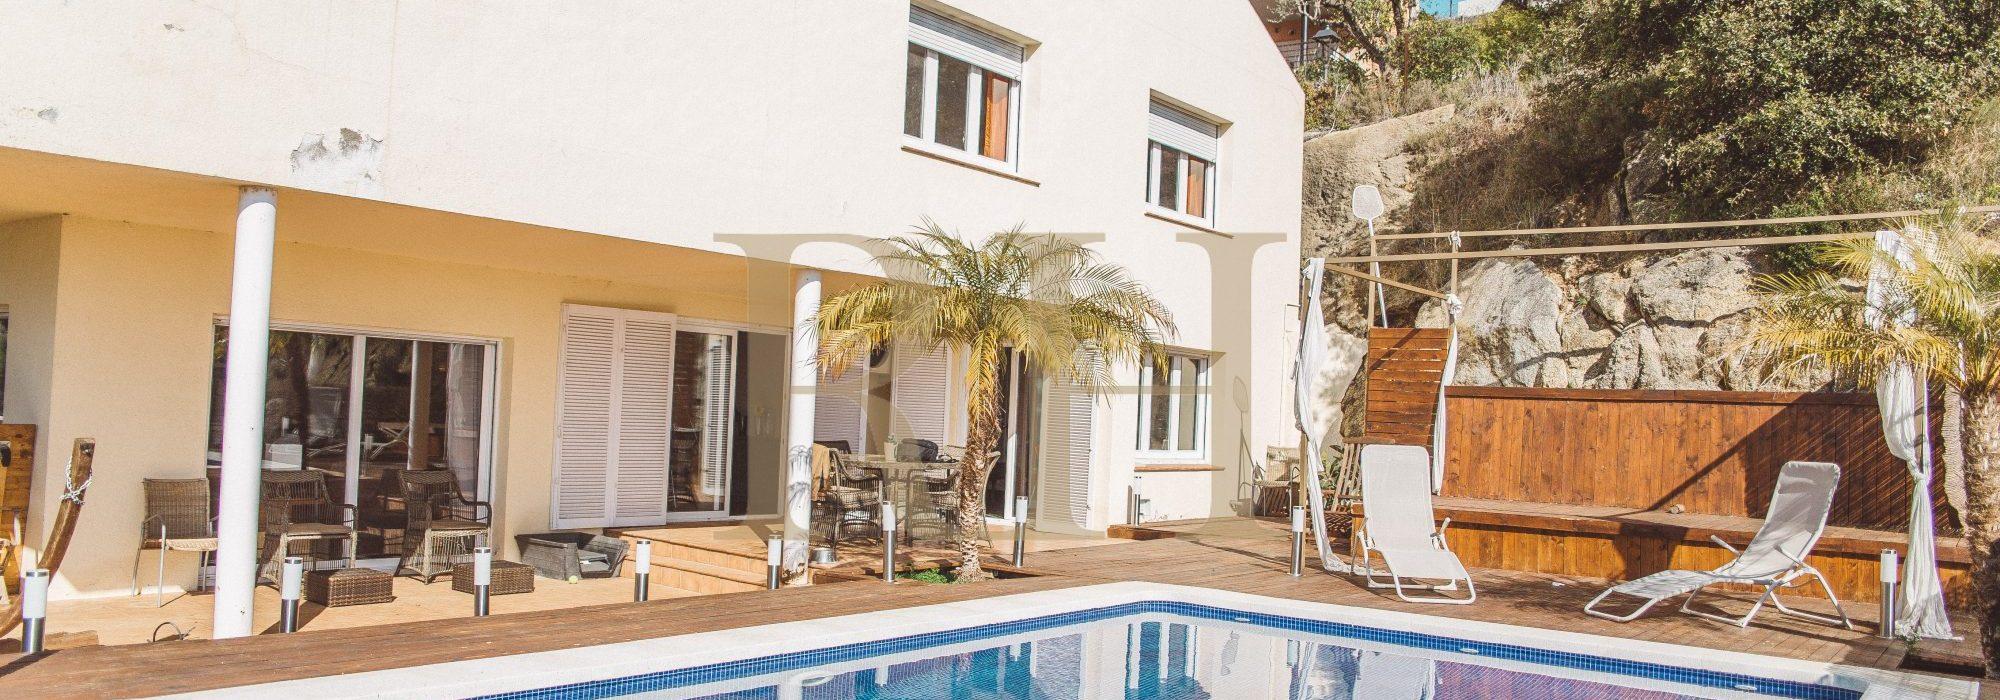 Fantástica casa unifamiliar en el centro de Sant Andreu de Llavaneres